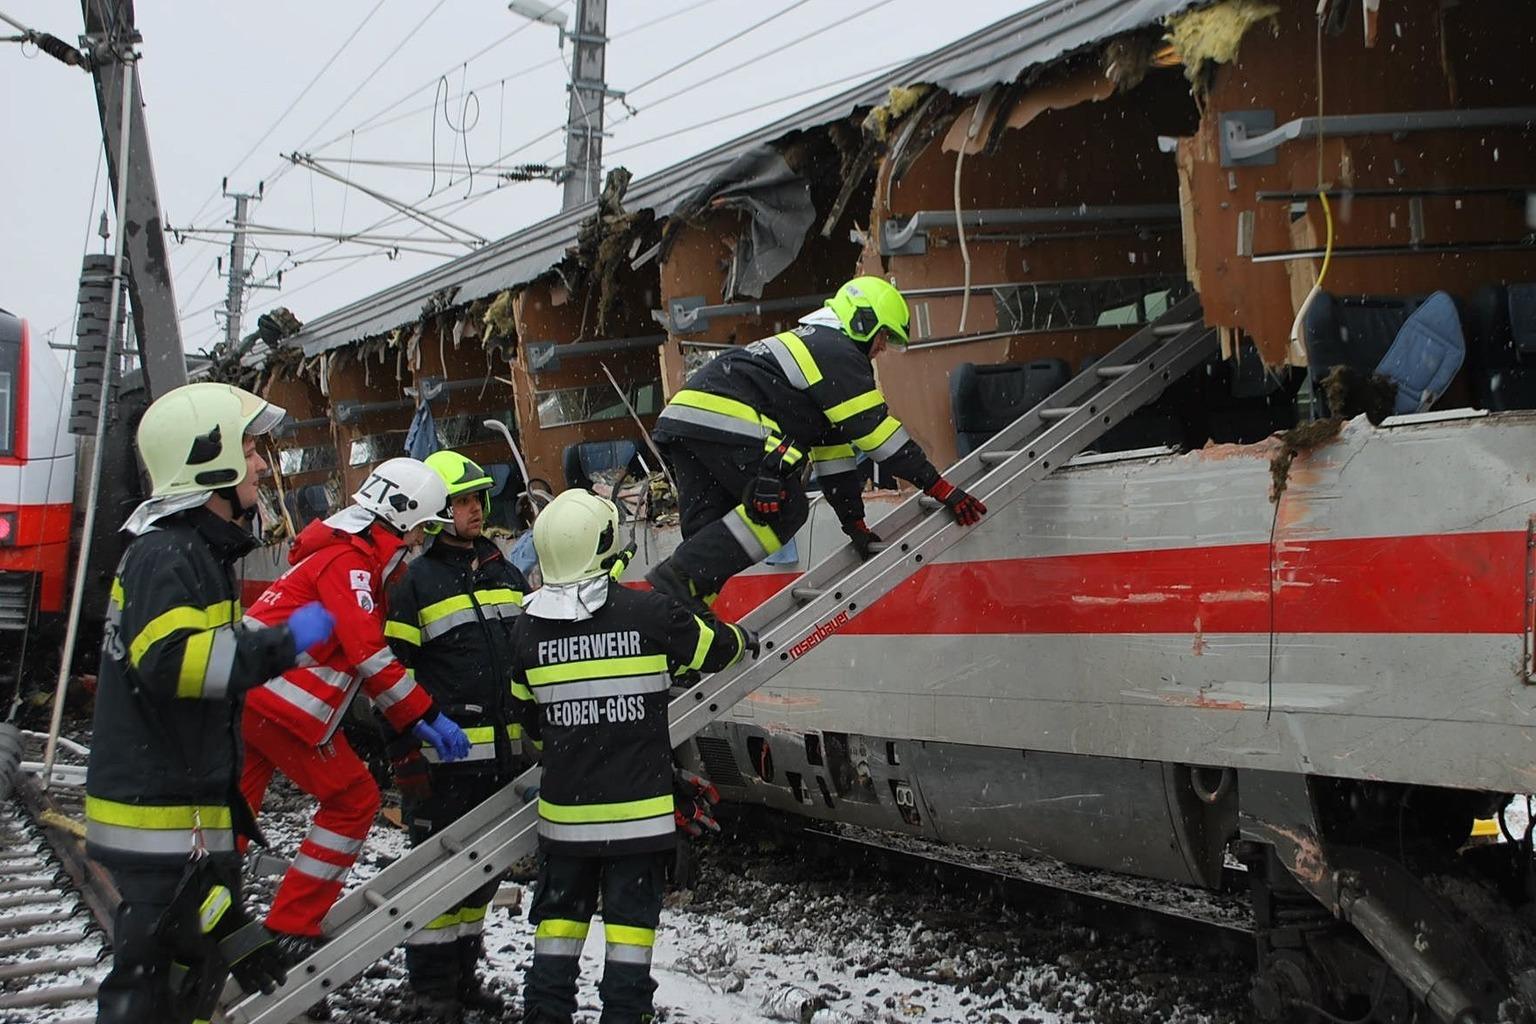 A Leobeni Tűzoltóság által közreadott kép tűzoltókról két összeütközött személyszállító vonatnál Niklasdorfban 2018. február 12-én. A balesetben legkevesebb egy ember életét vesztette, és mintegy húszan megsérültek. (MTI/EPA/Leobeni Tűzoltóság)